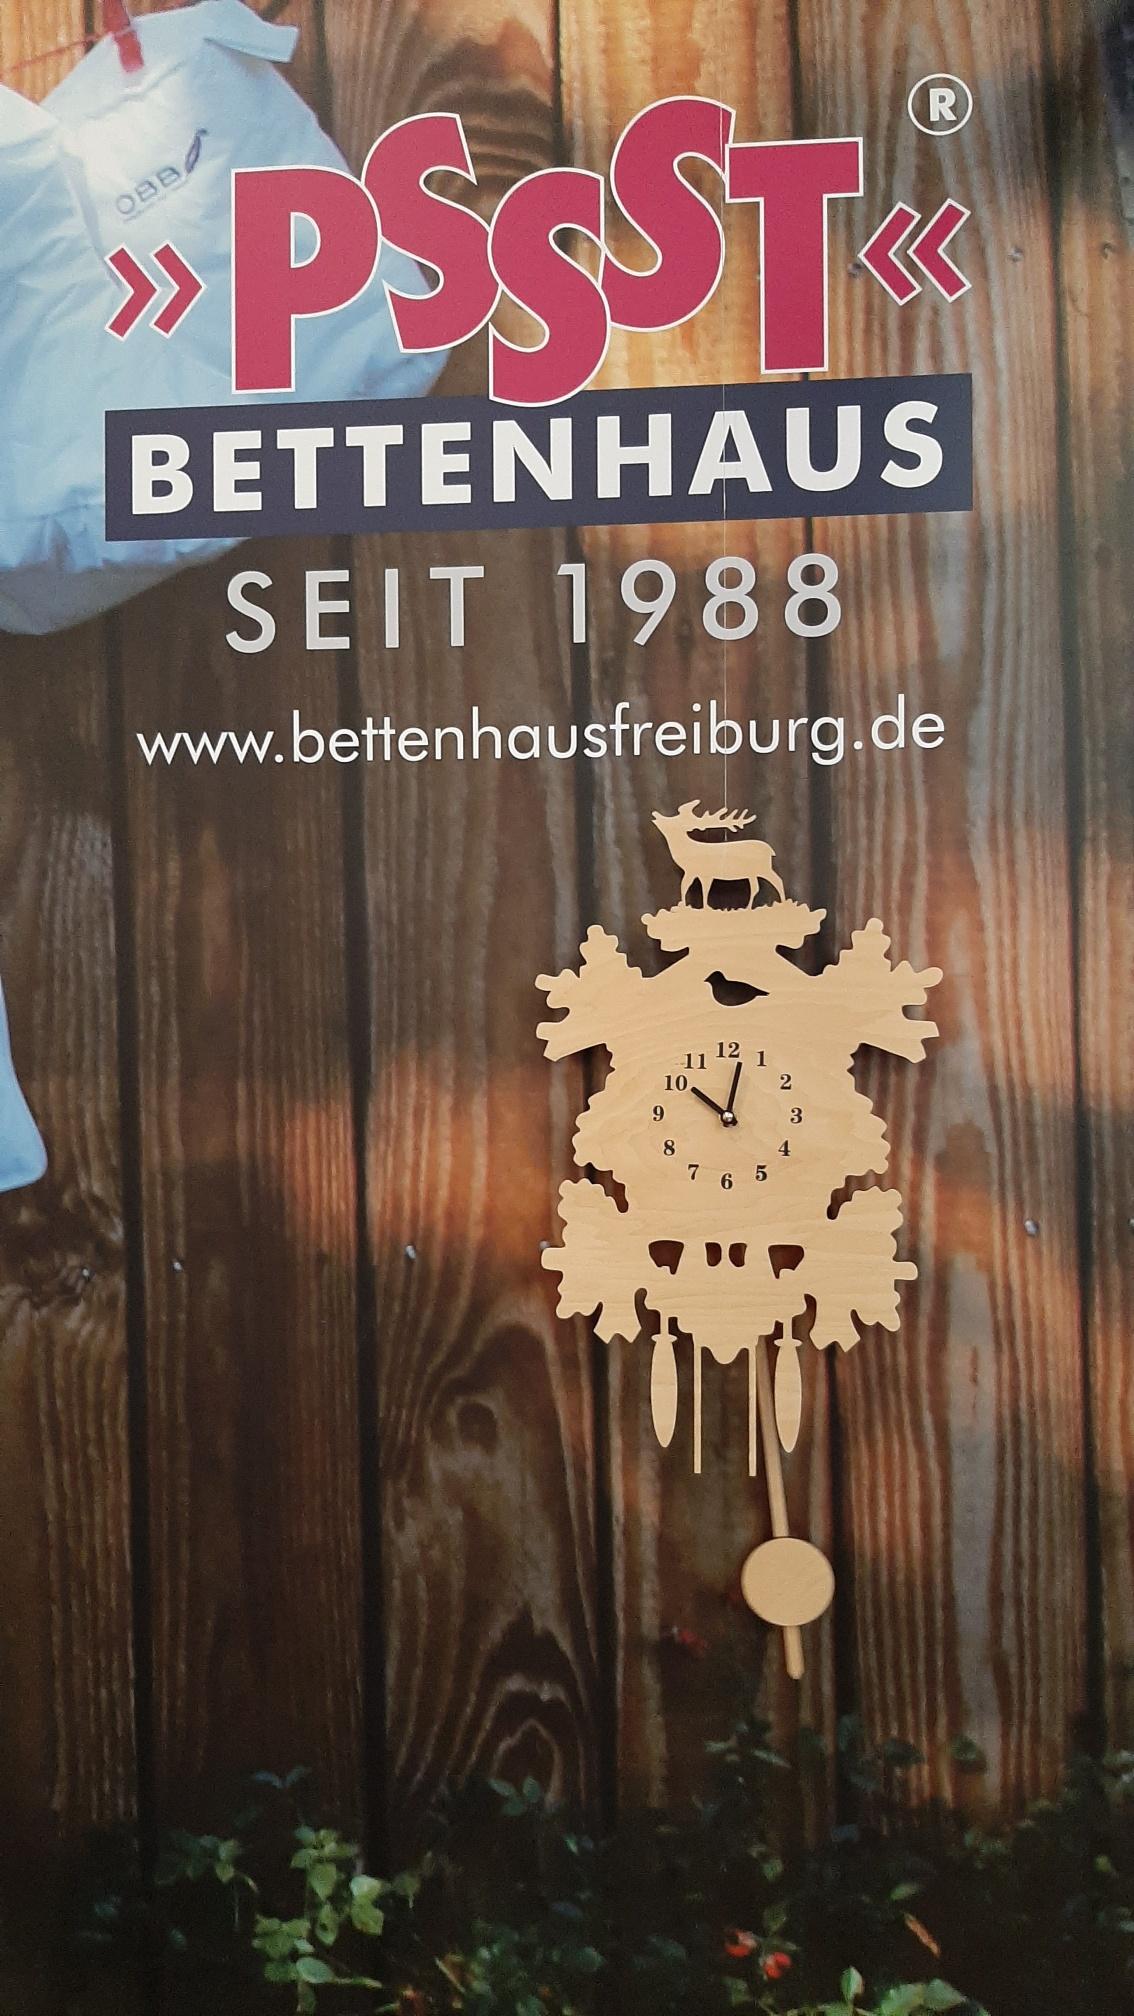 Beratertage PSSST Bettenhaus Freiburg